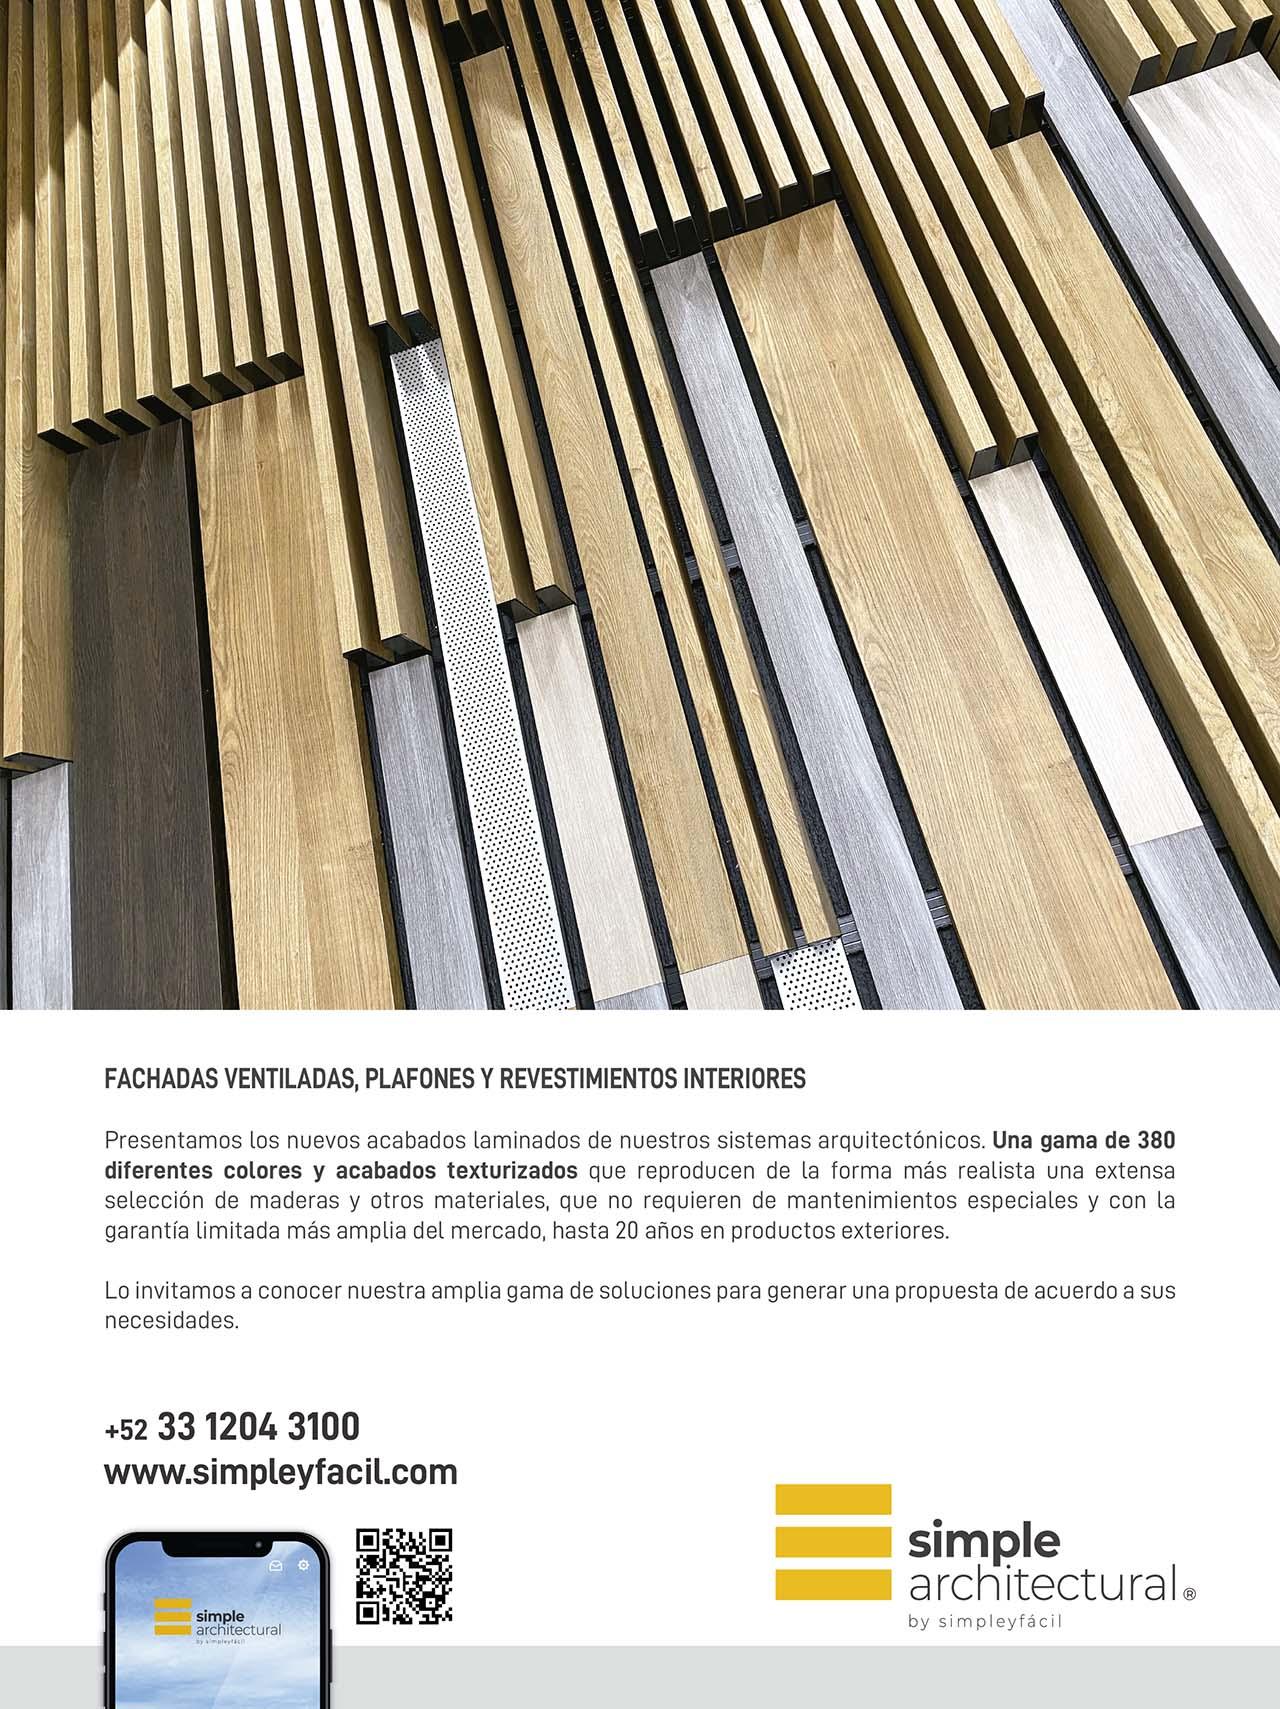 Skin Wall, la nueva tendencia de diseño para fachadas ventiladas